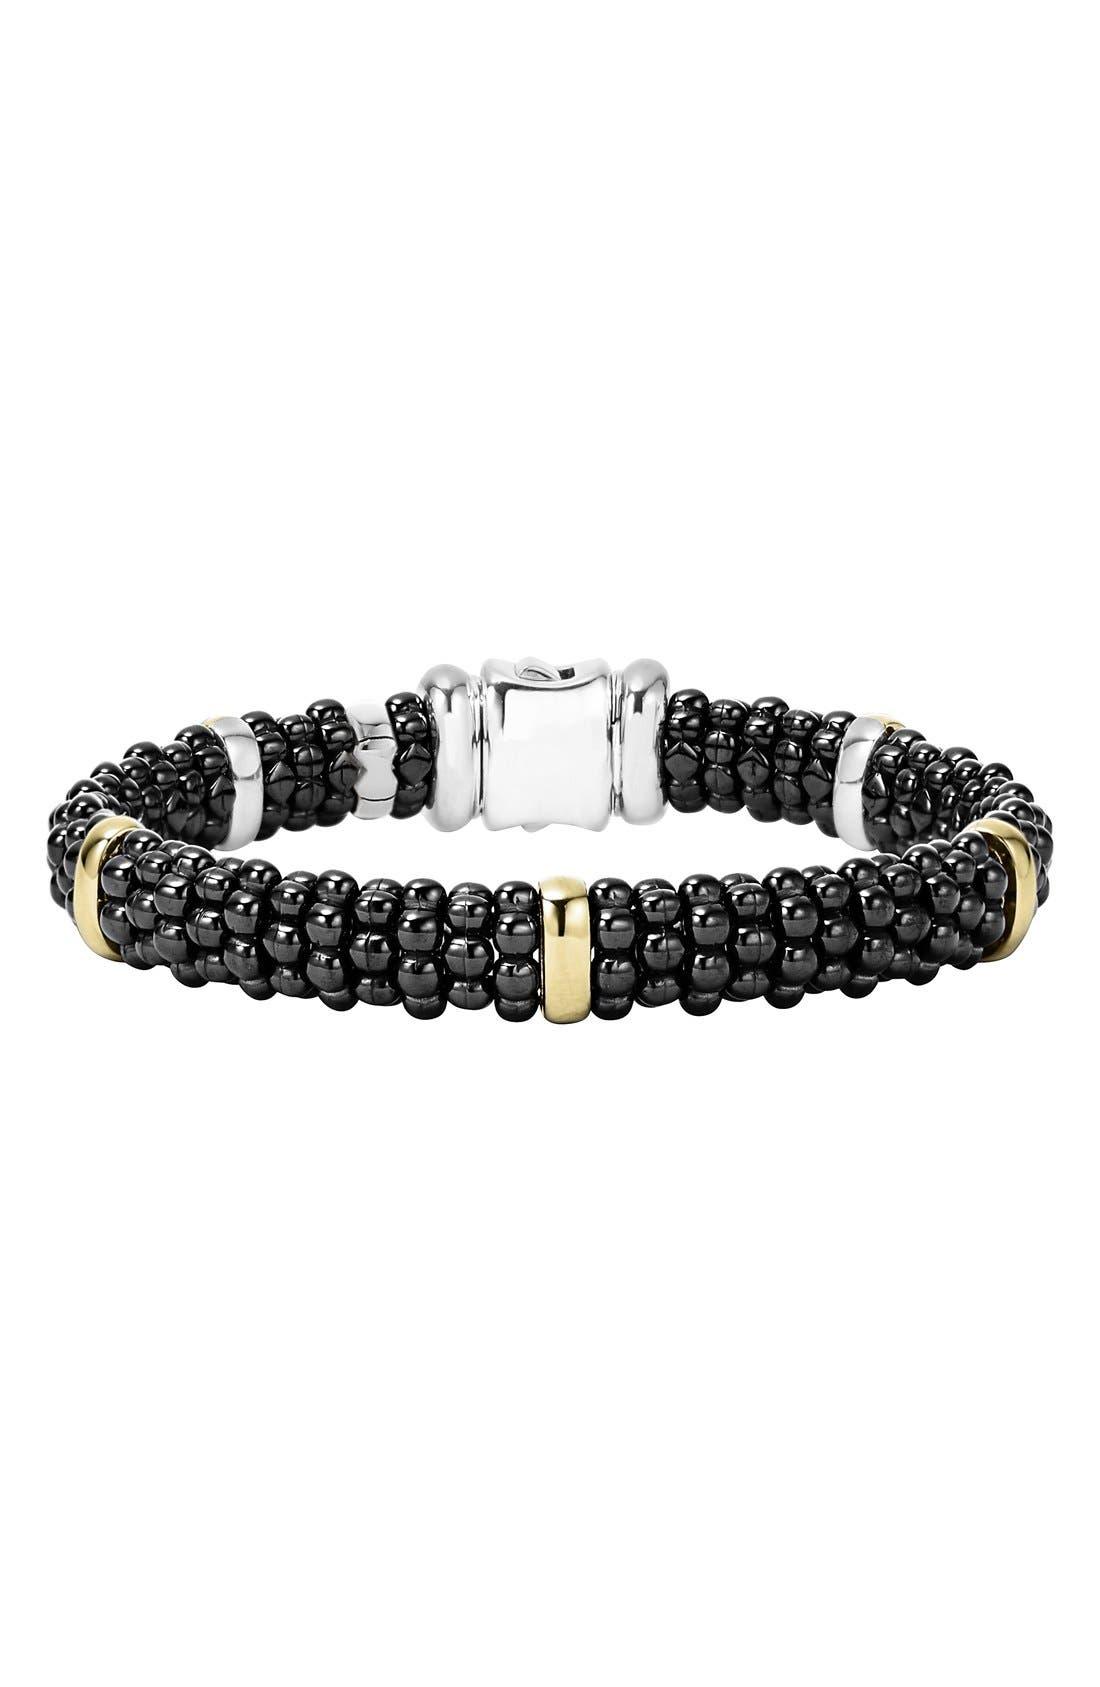 Main Image - LAGOS 'Black Caviar' Rope Bracelet